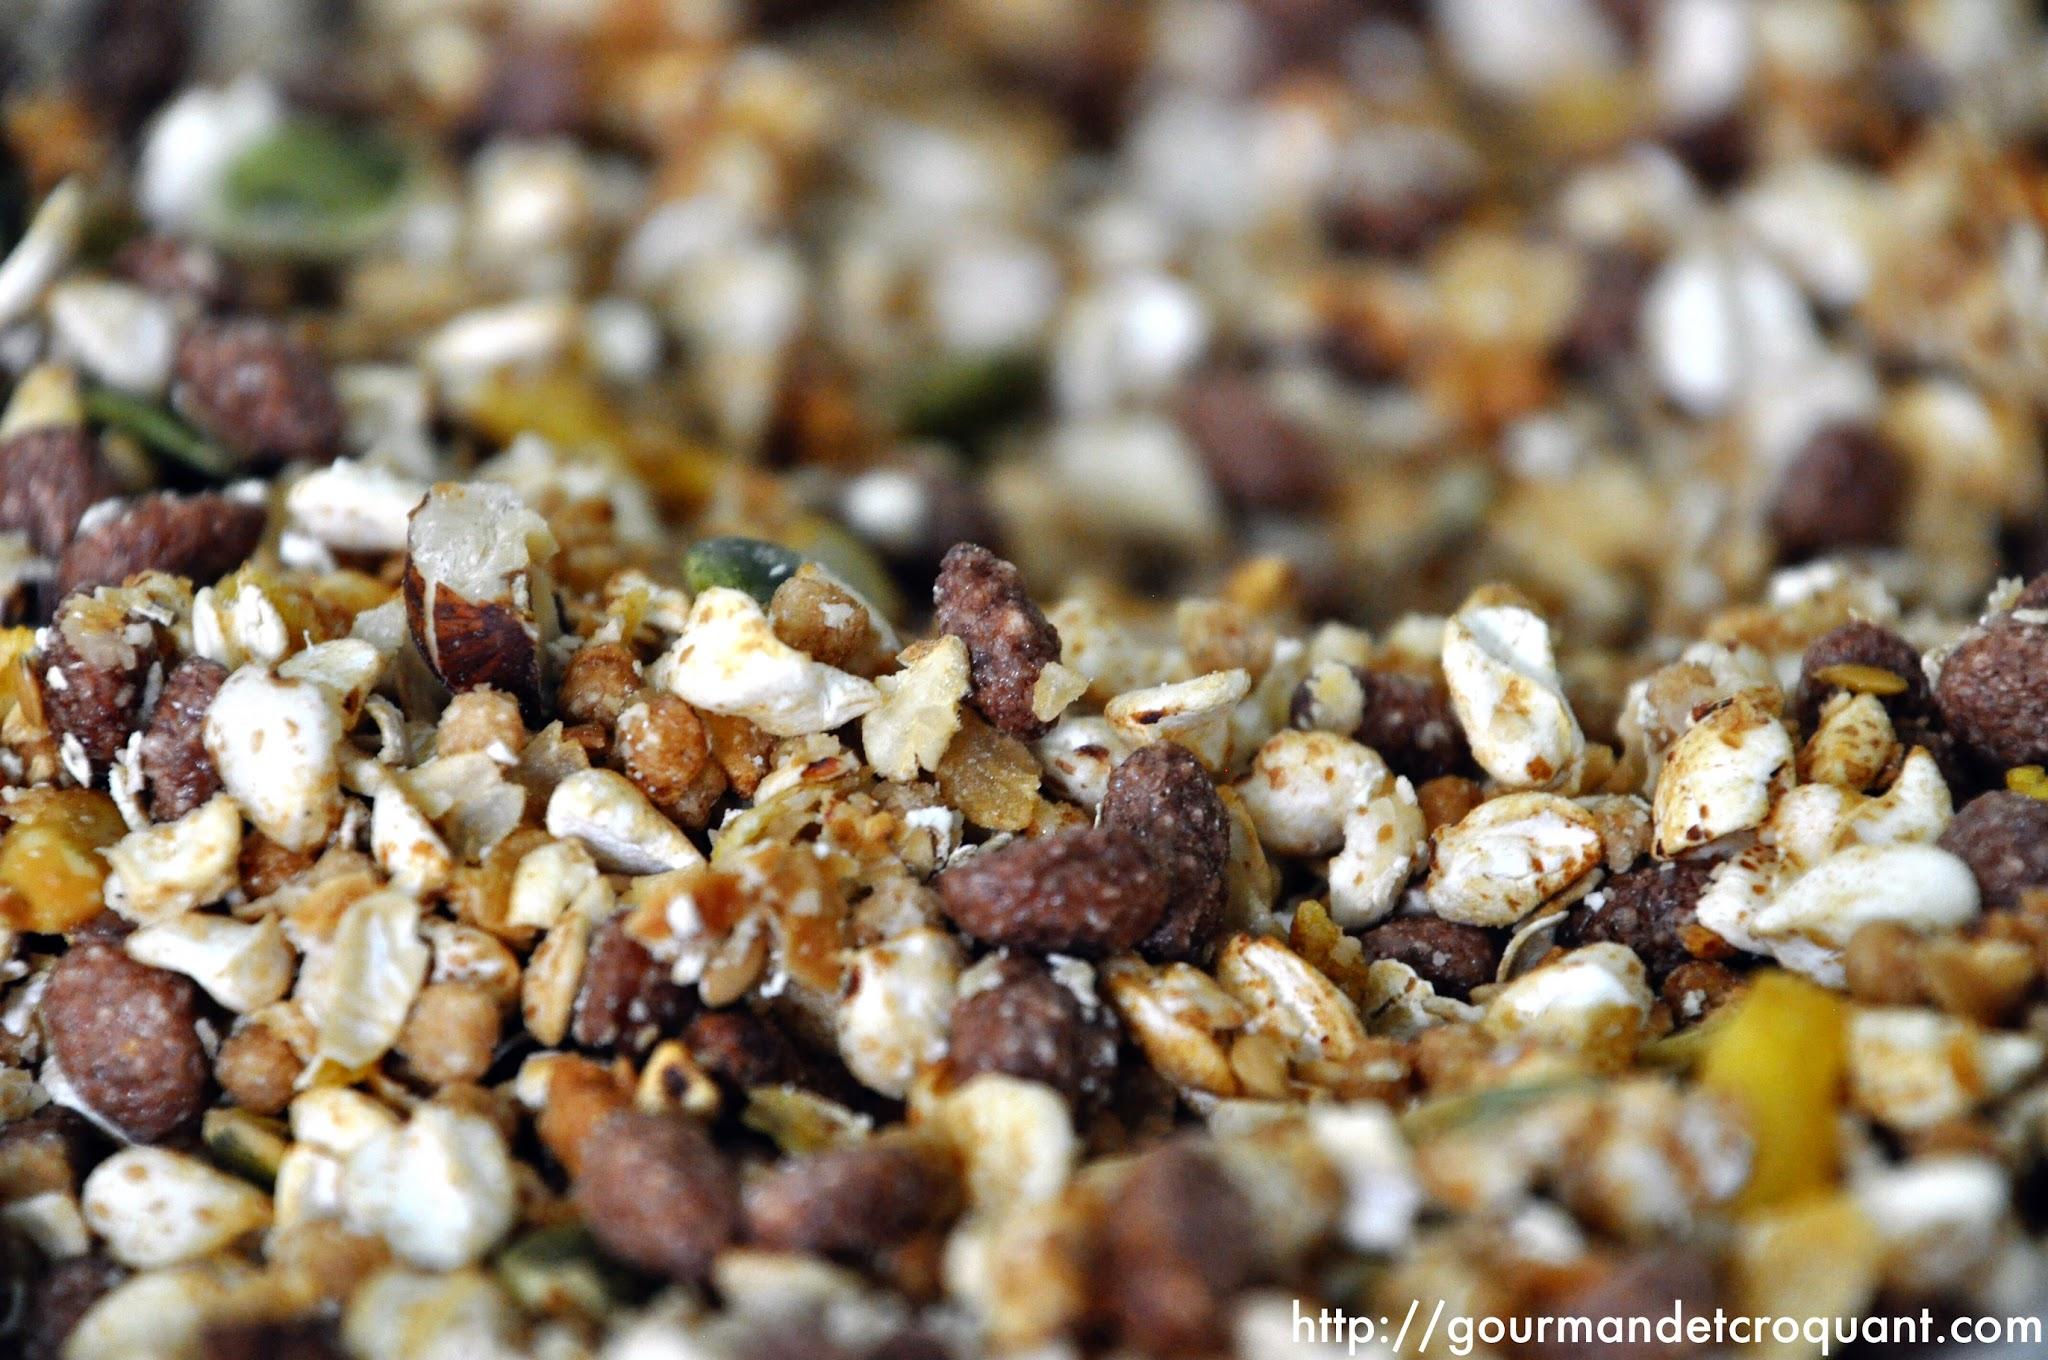 sans-sucre-noix-lin-tournesol-cereales